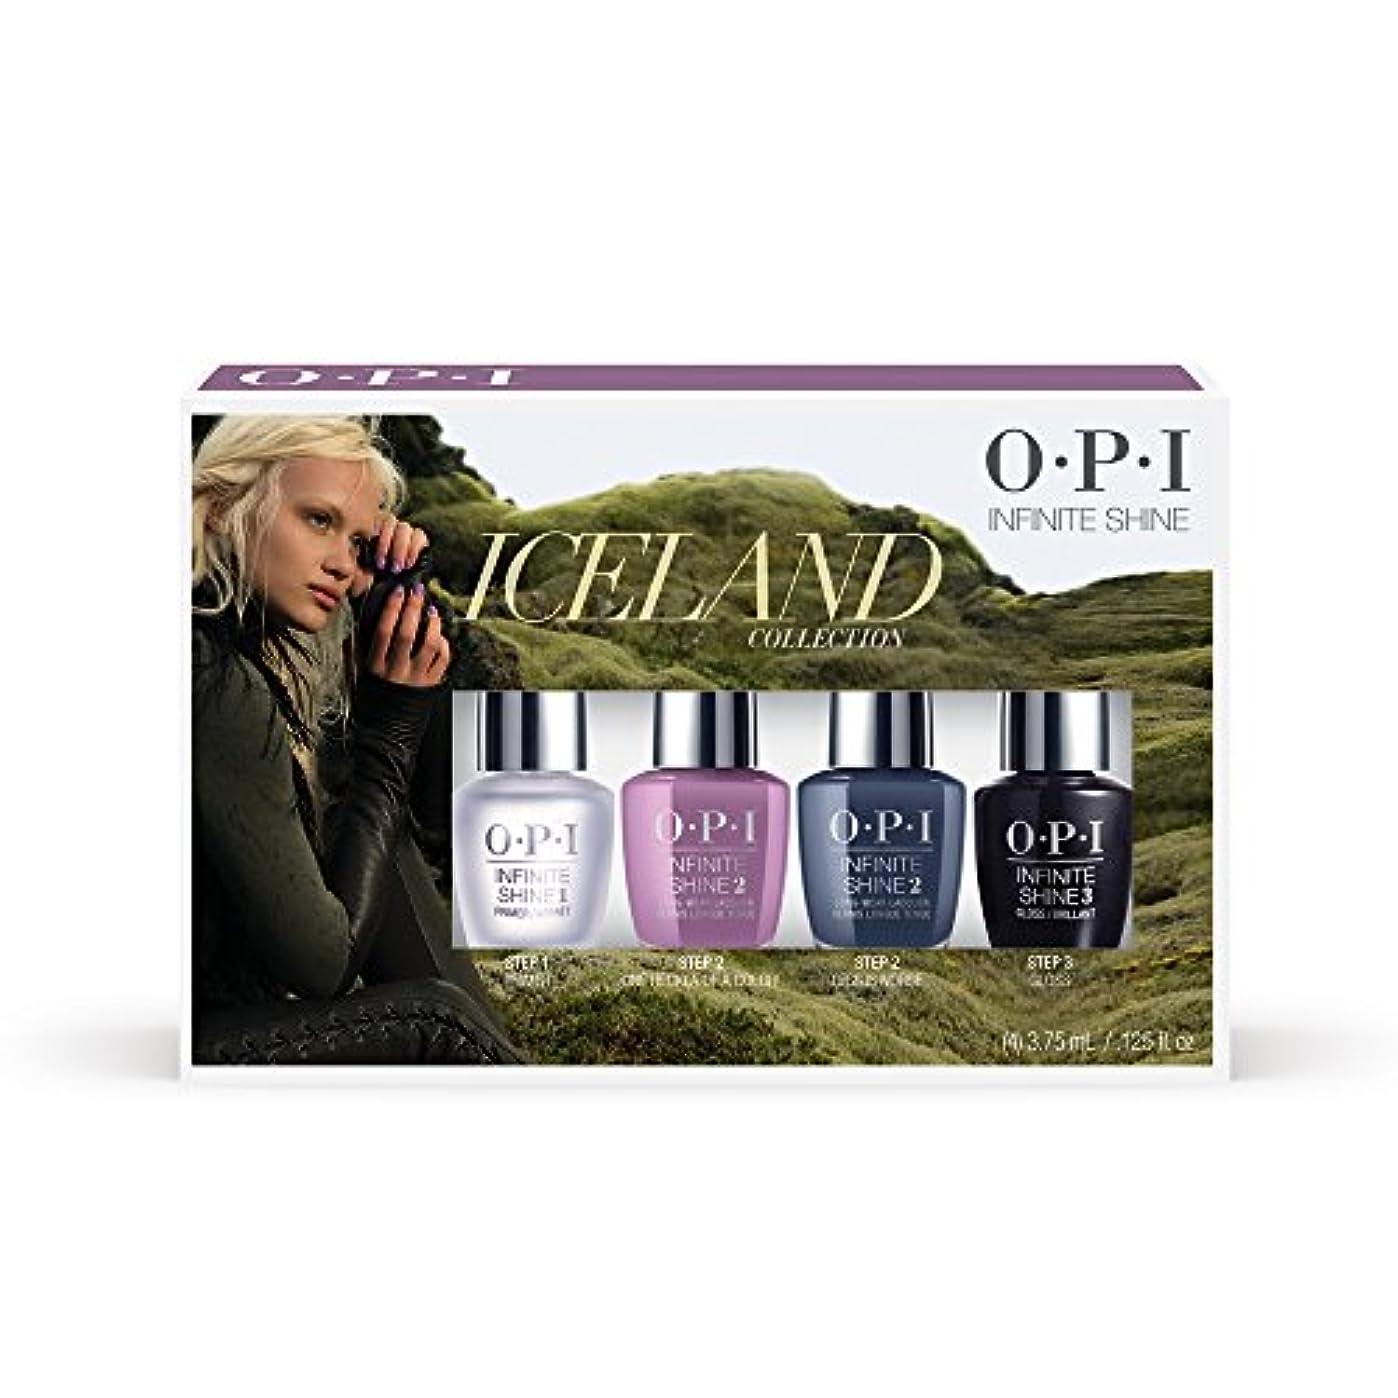 ダッシュ調子カビOPI(オーピーアイ) アイスランド コレクション インフィニット シャイン ミニパック